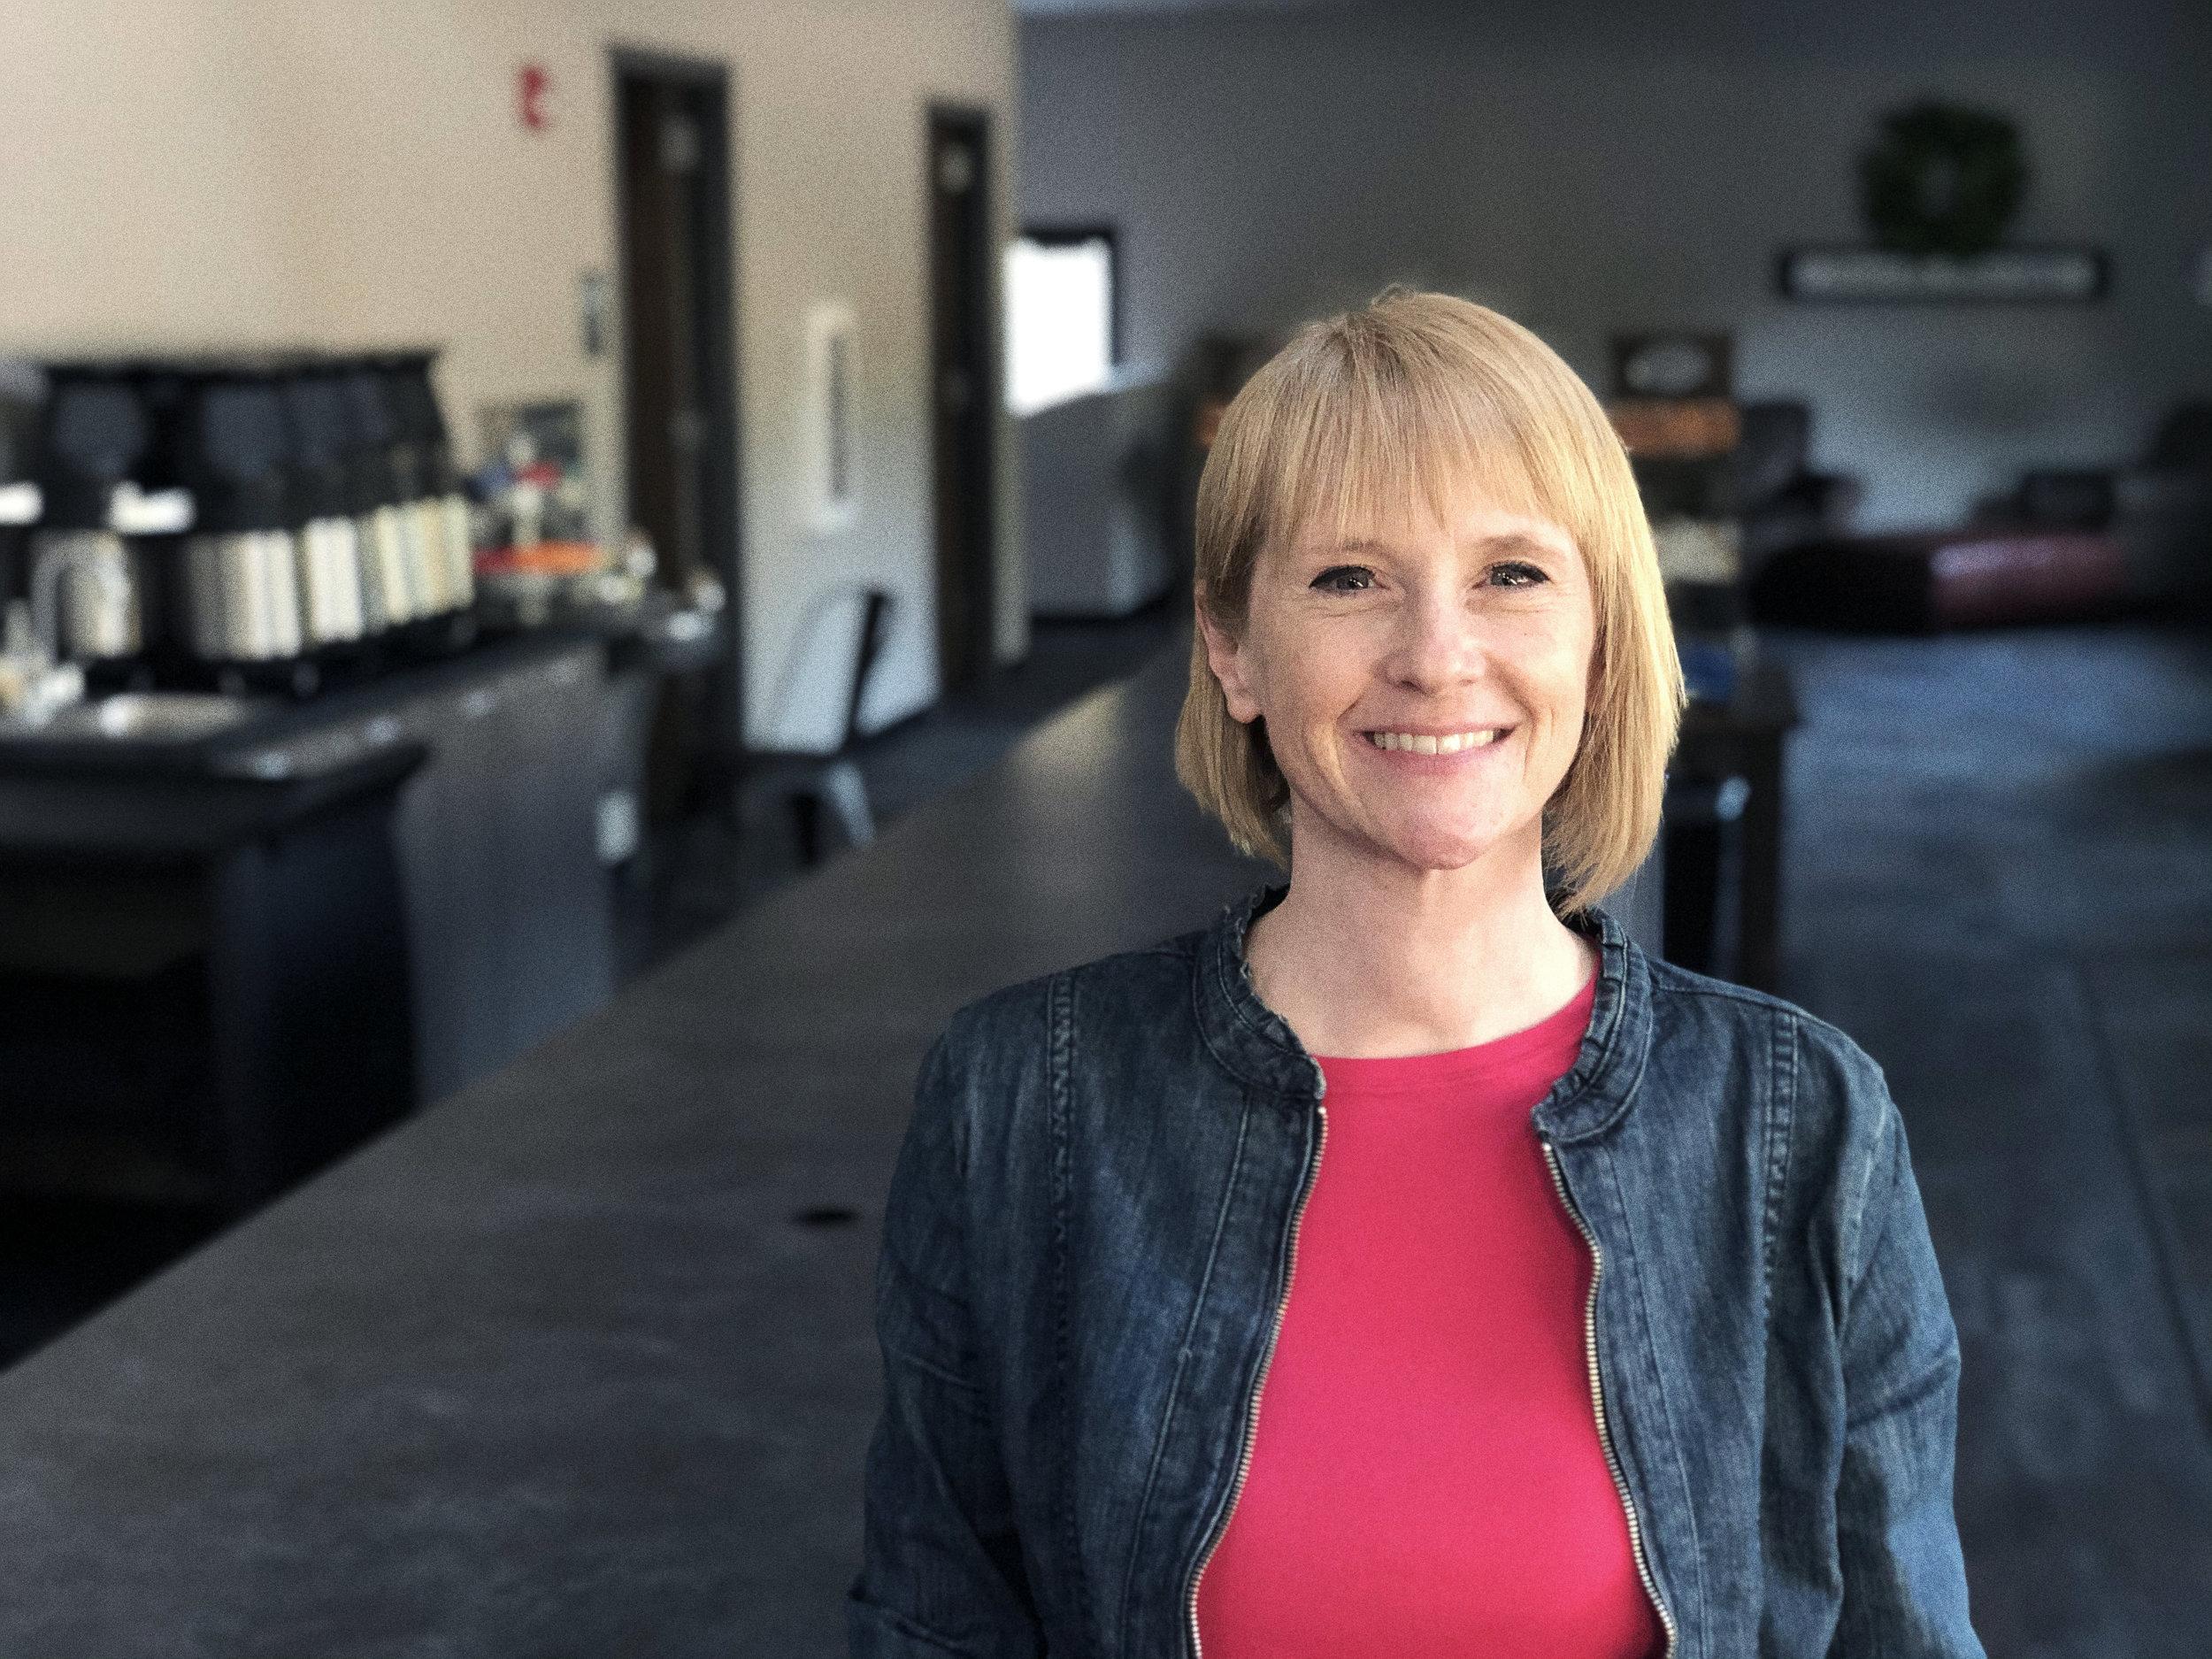 Donna Robbins - Children's Ministerdonna@northviewbible.church